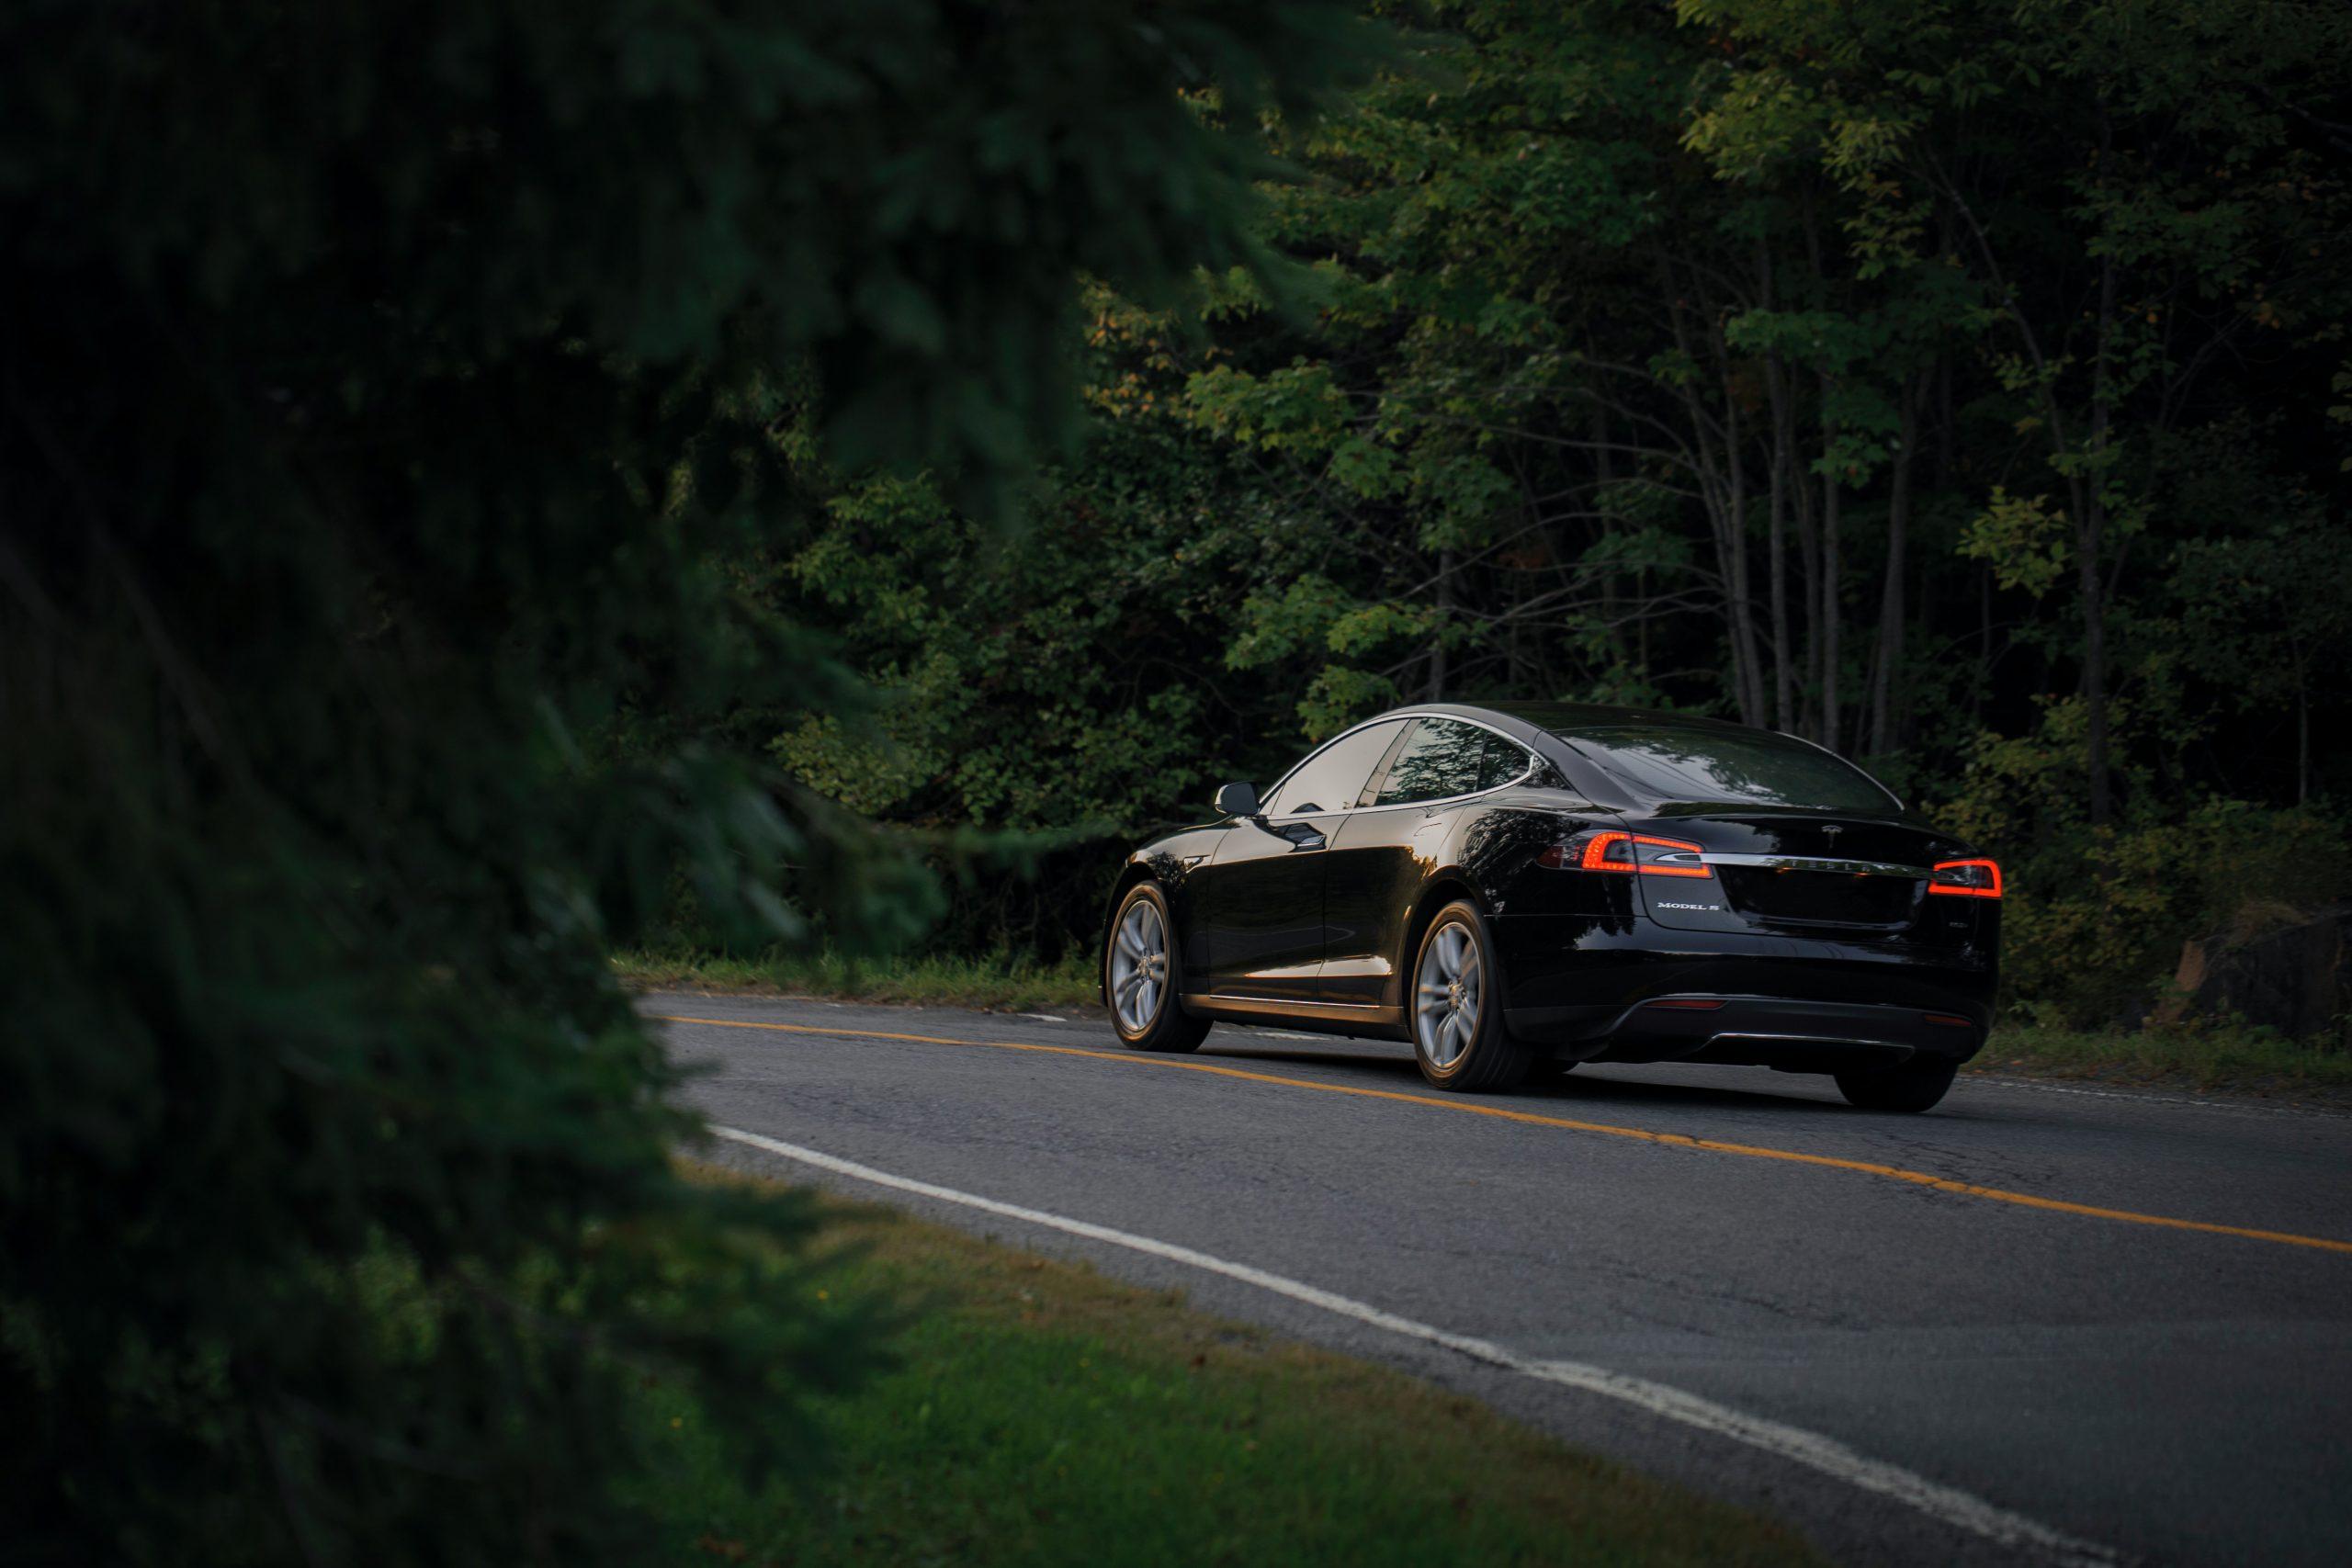 miljobilar-ett-smart-val